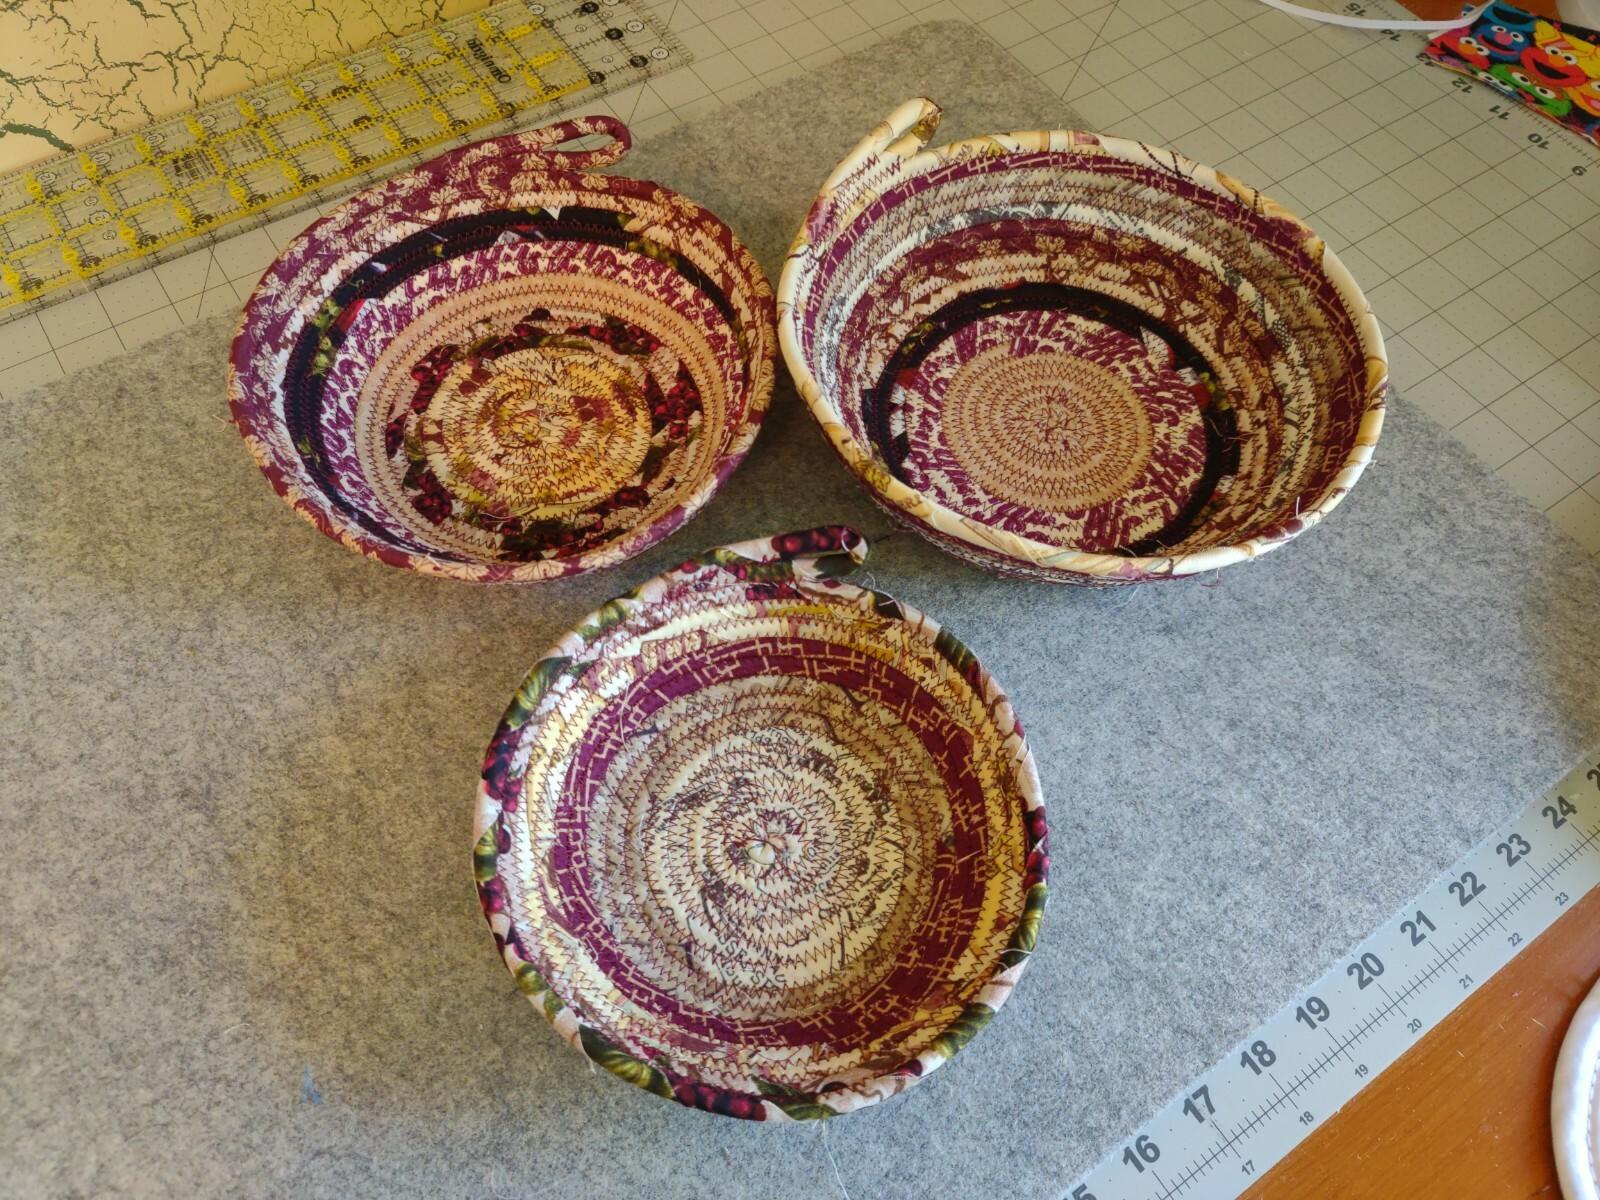 Burgundy Nesting Baskets